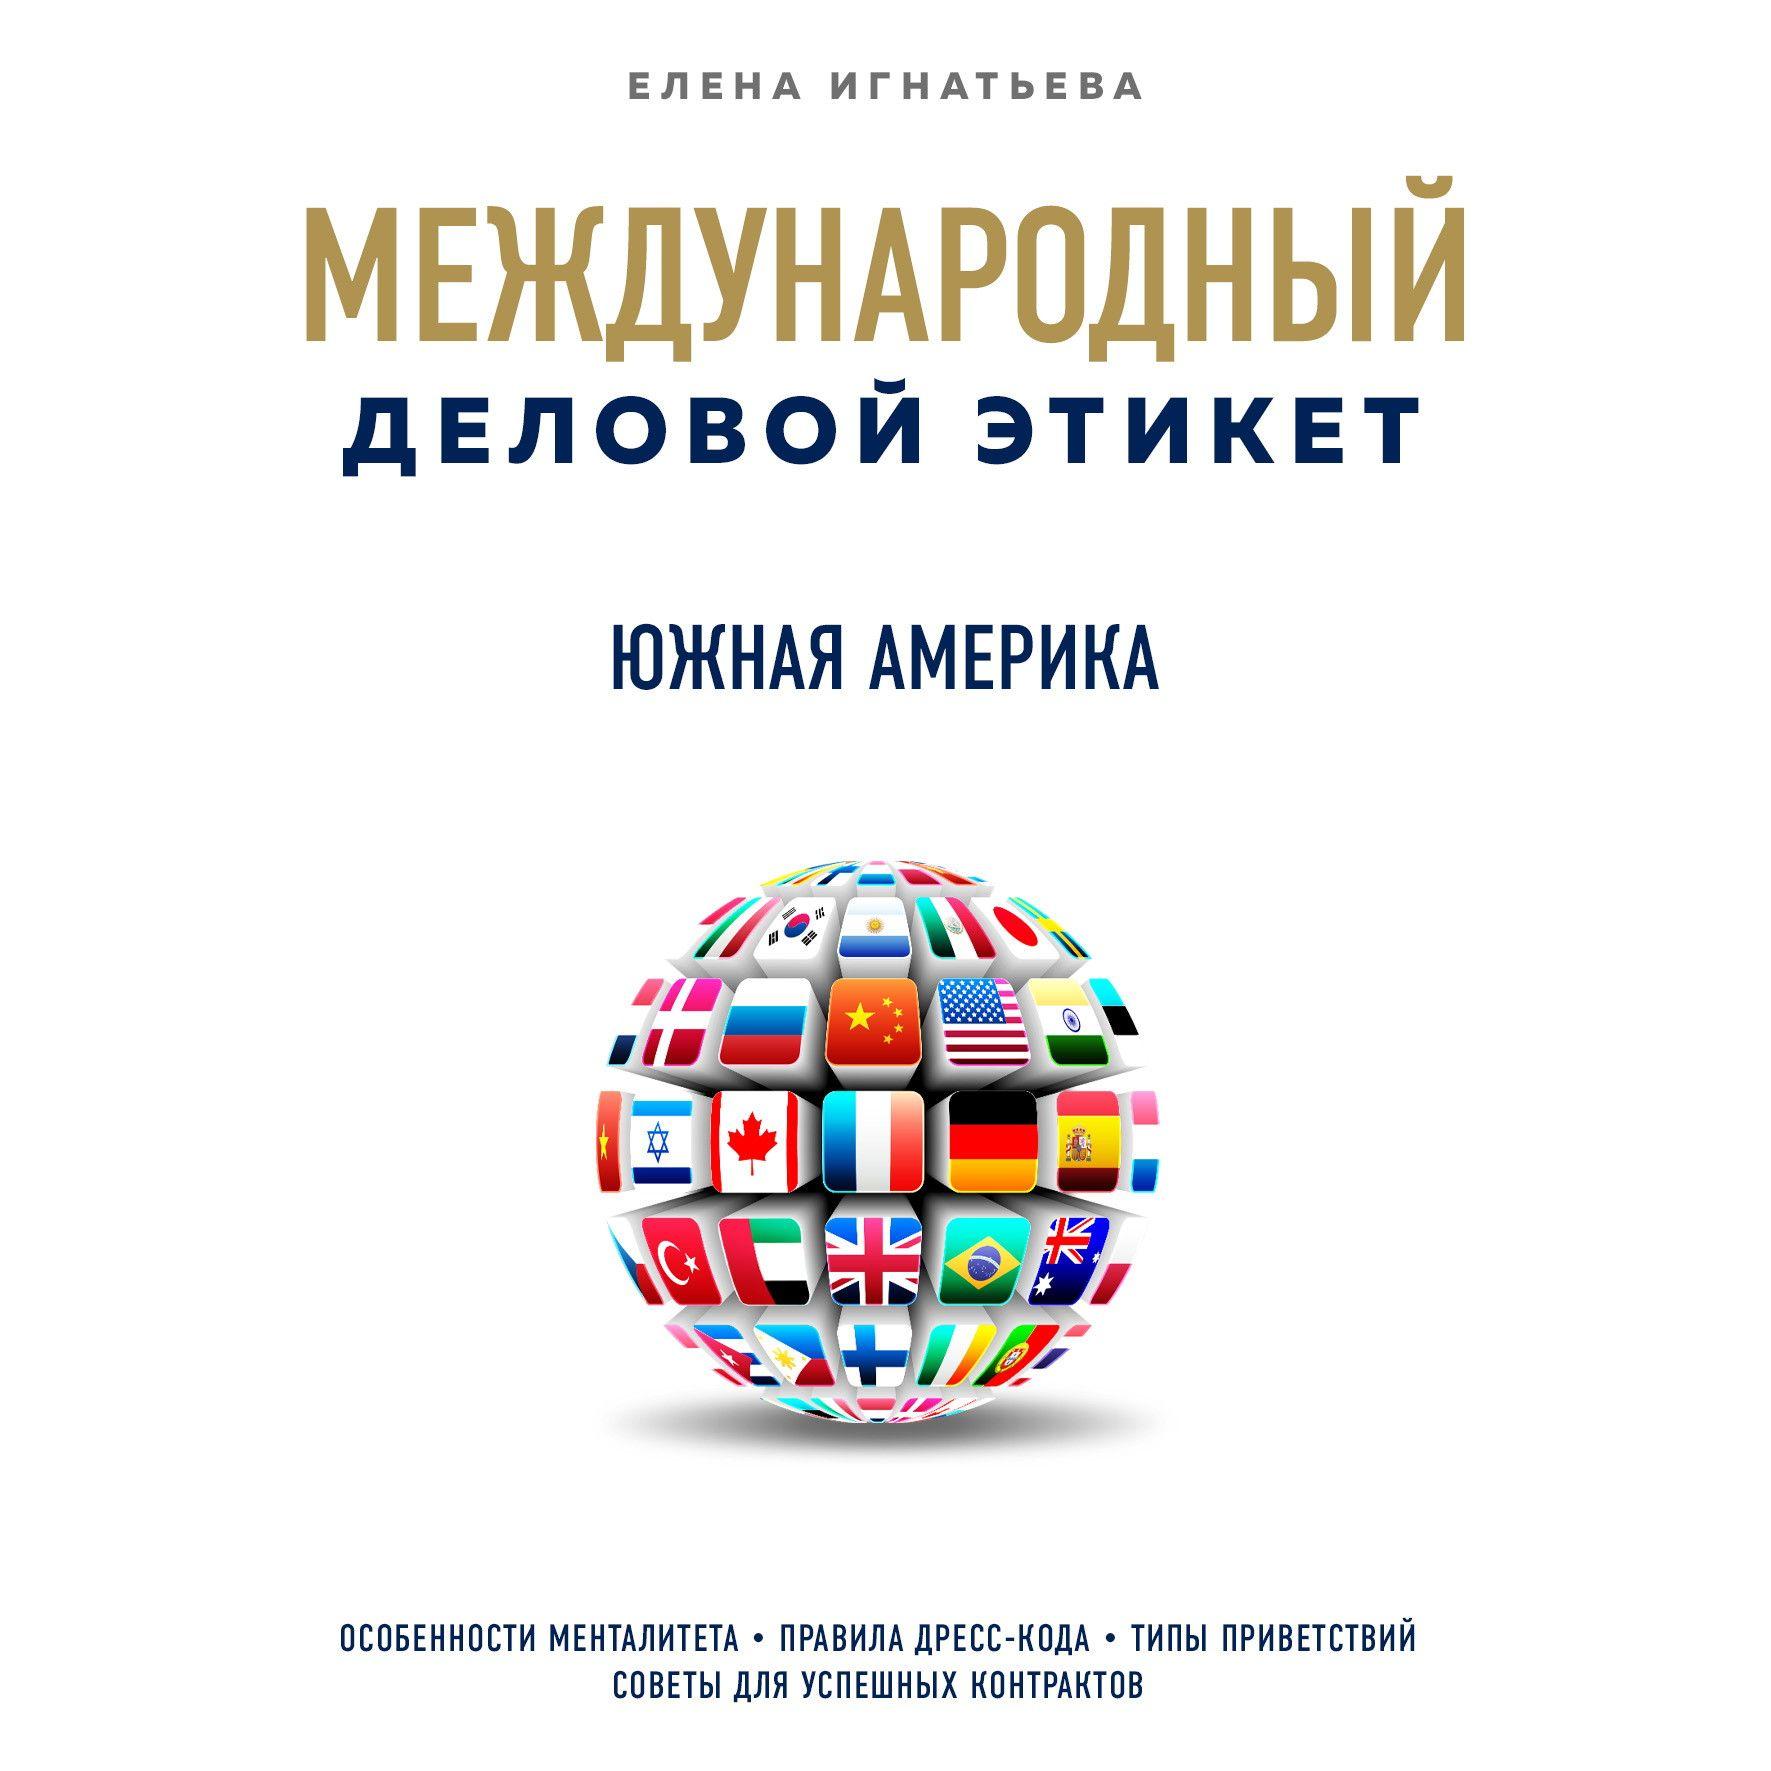 Купить книгу Бизнес-этикет разных стран: Южная Америка, автора Елены Сергеевны Игнатьевой